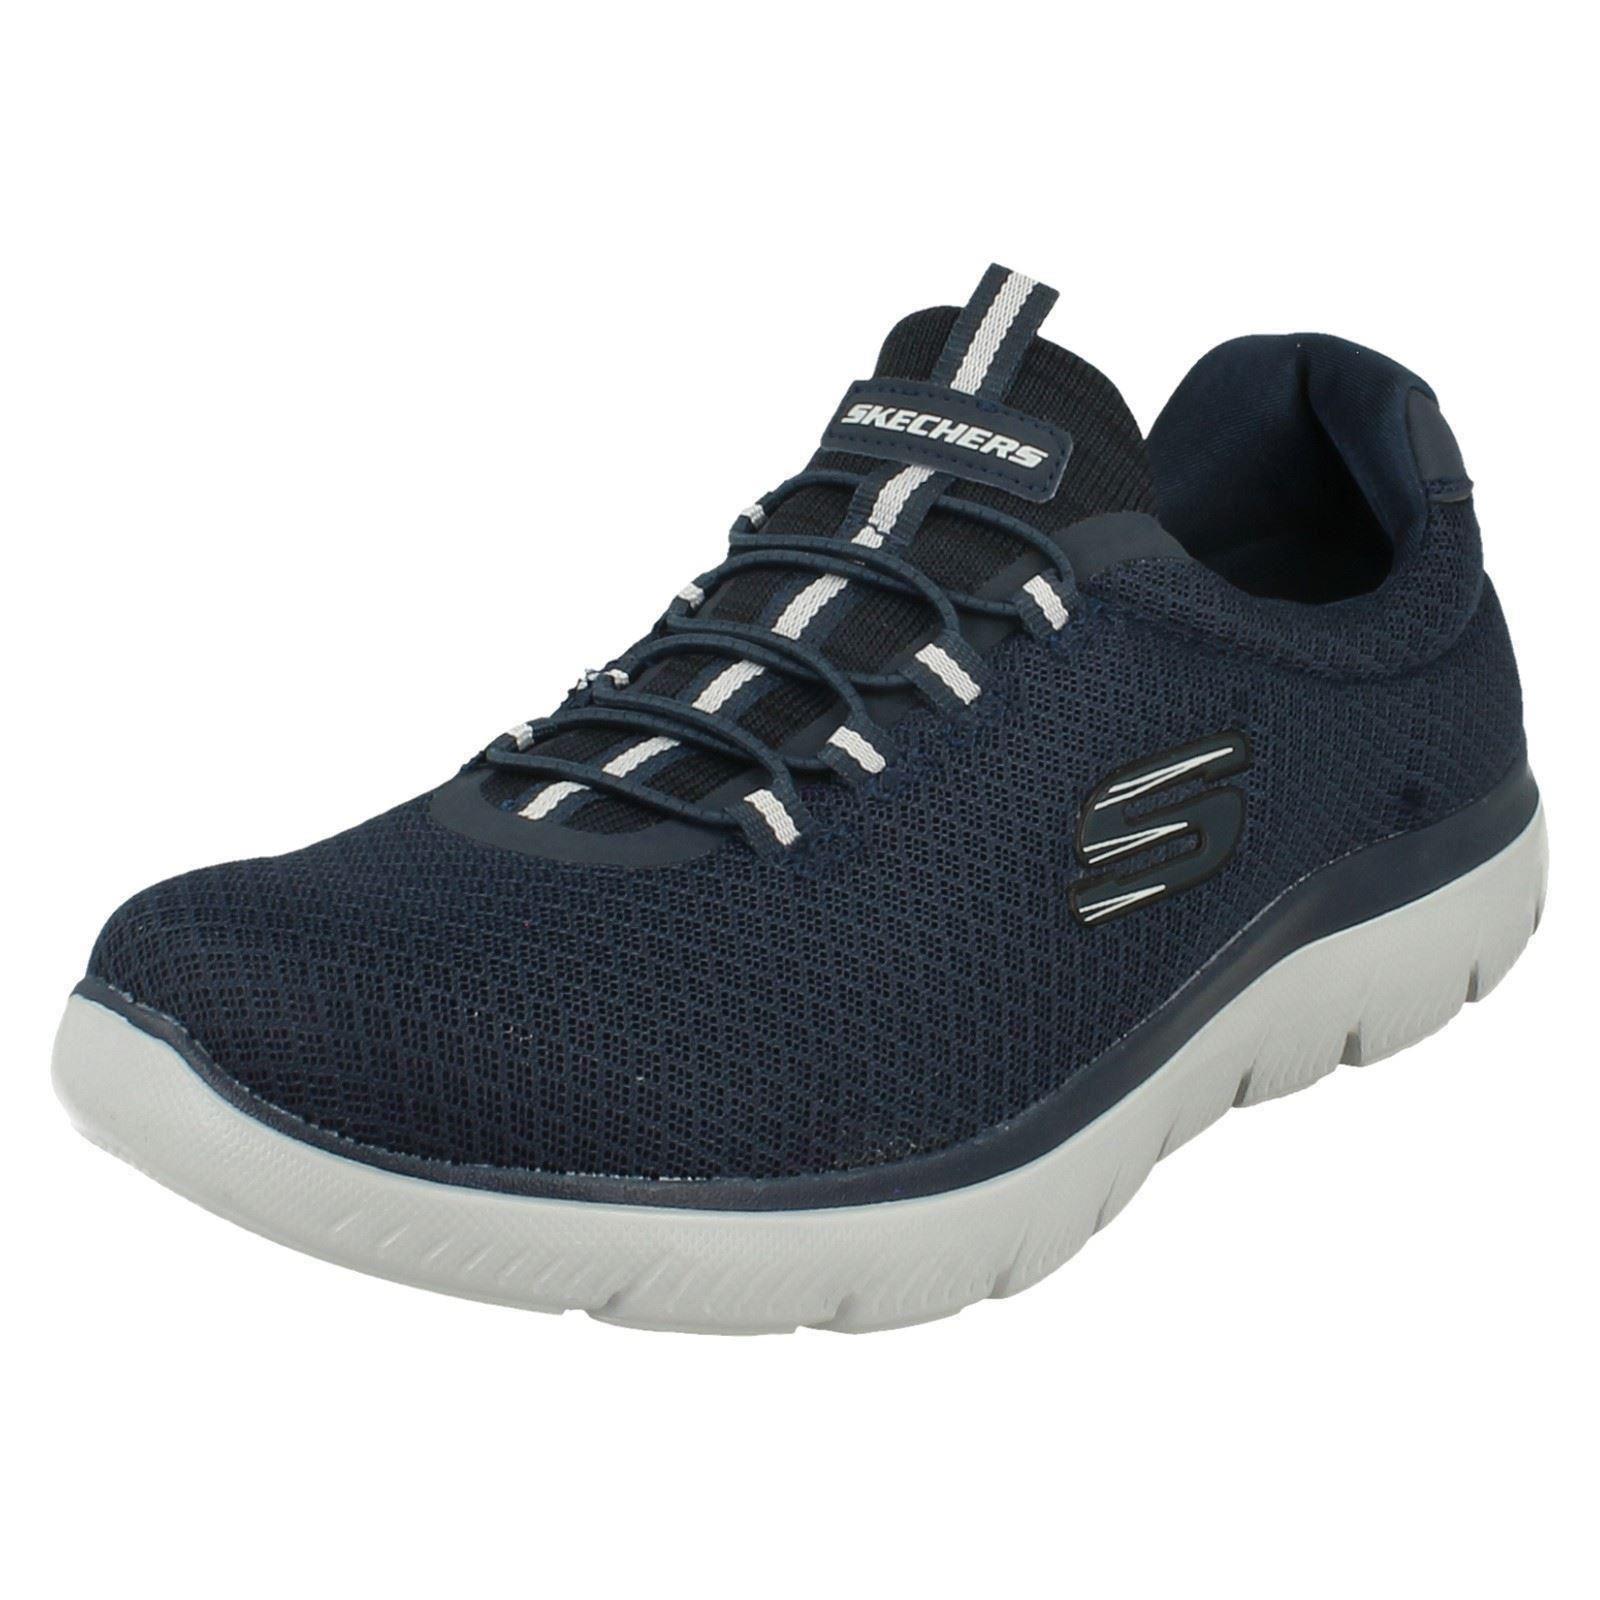 Zapatillas para hombre Skechers cumbres etiqueta de etiqueta cumbres 7437e3 7c5c8444713